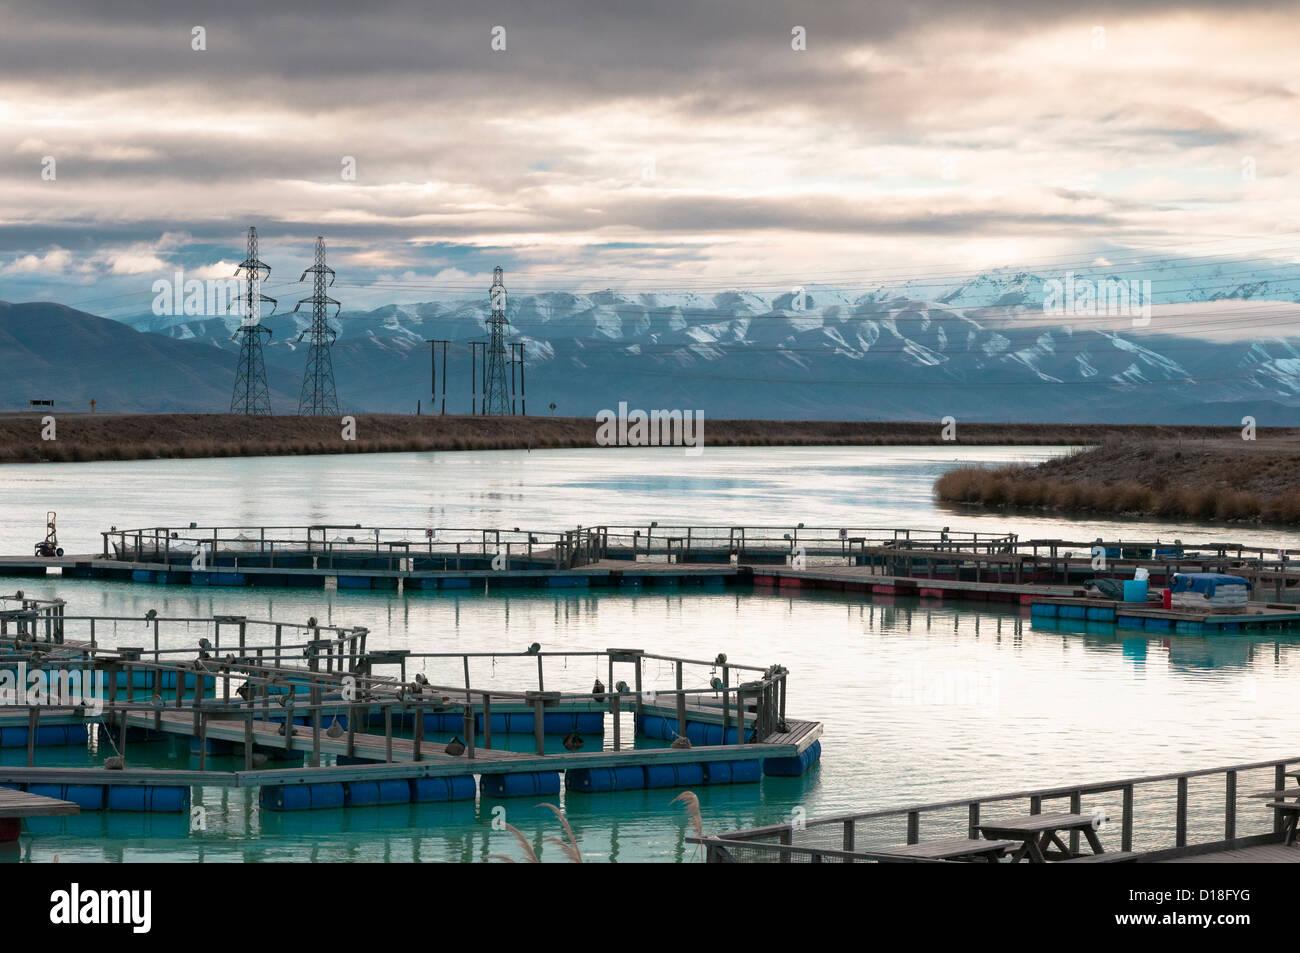 Fischfarm in ländlichen Landschaft Stockbild